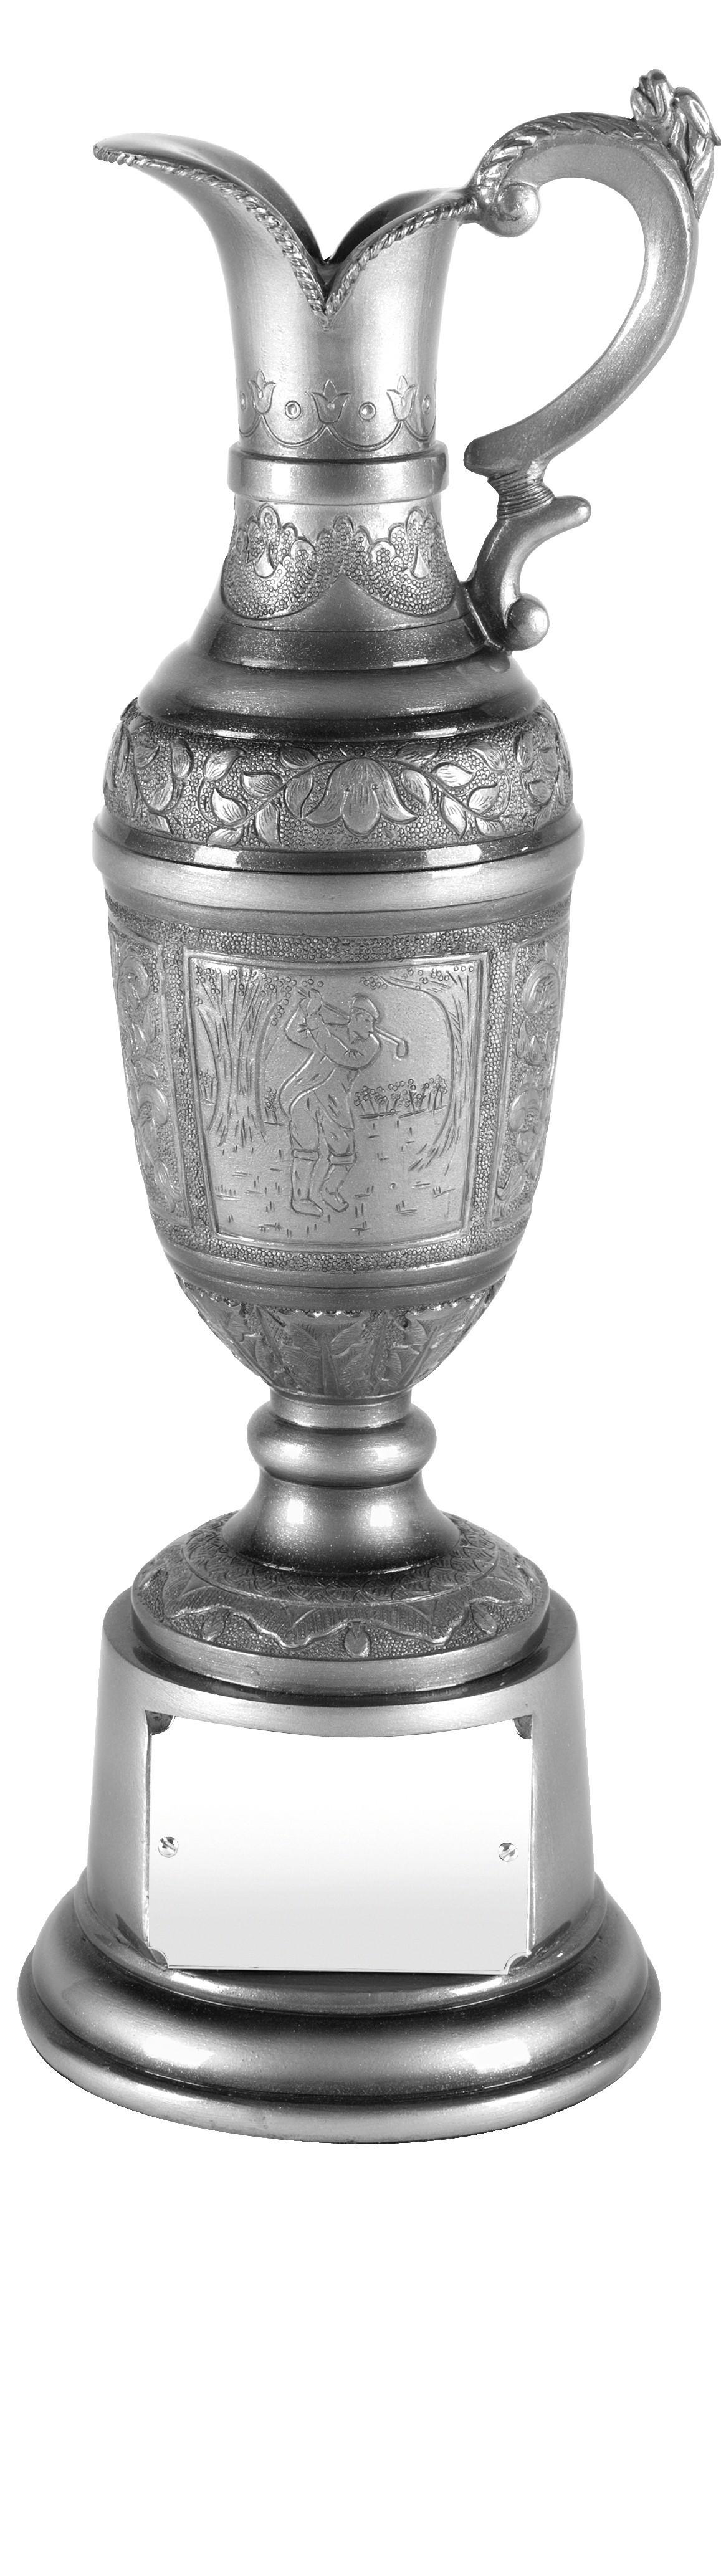 15.5cm St Andrews Award